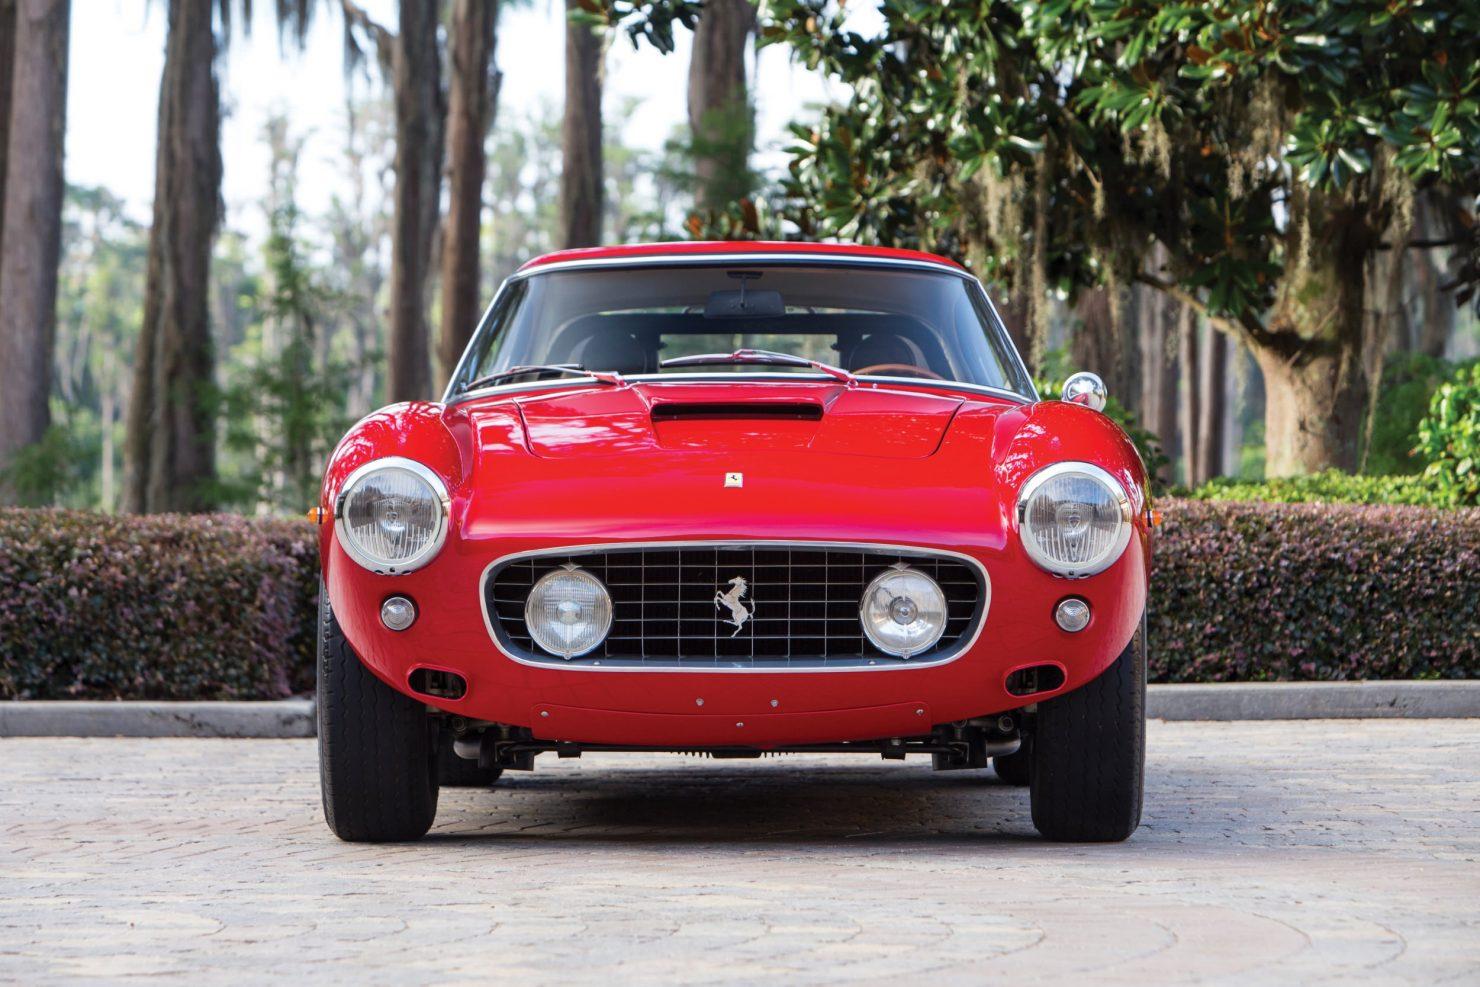 ferrari 250 gt swb car 10 1480x987 - 1960 Ferrari 250 GT SWB Competizione